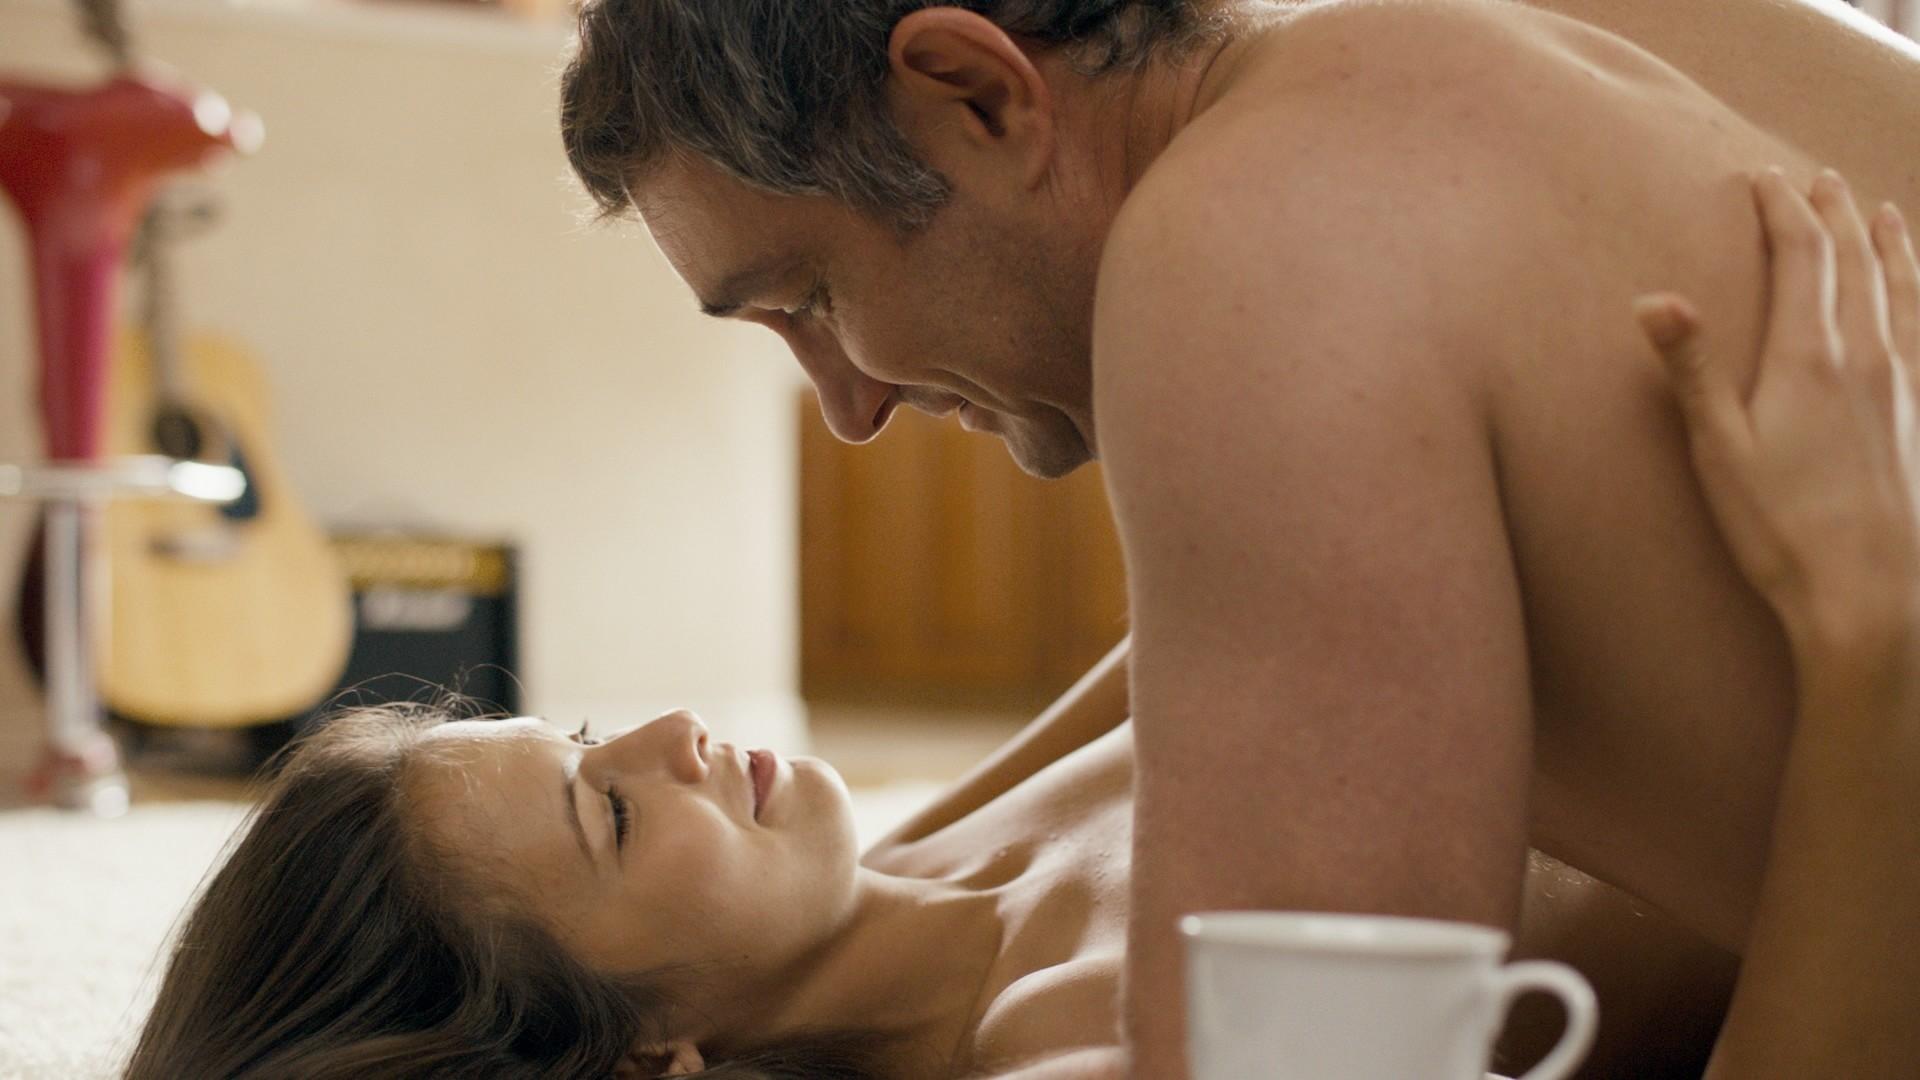 Как свести мужчину с ума в постели: 3 секретных приема